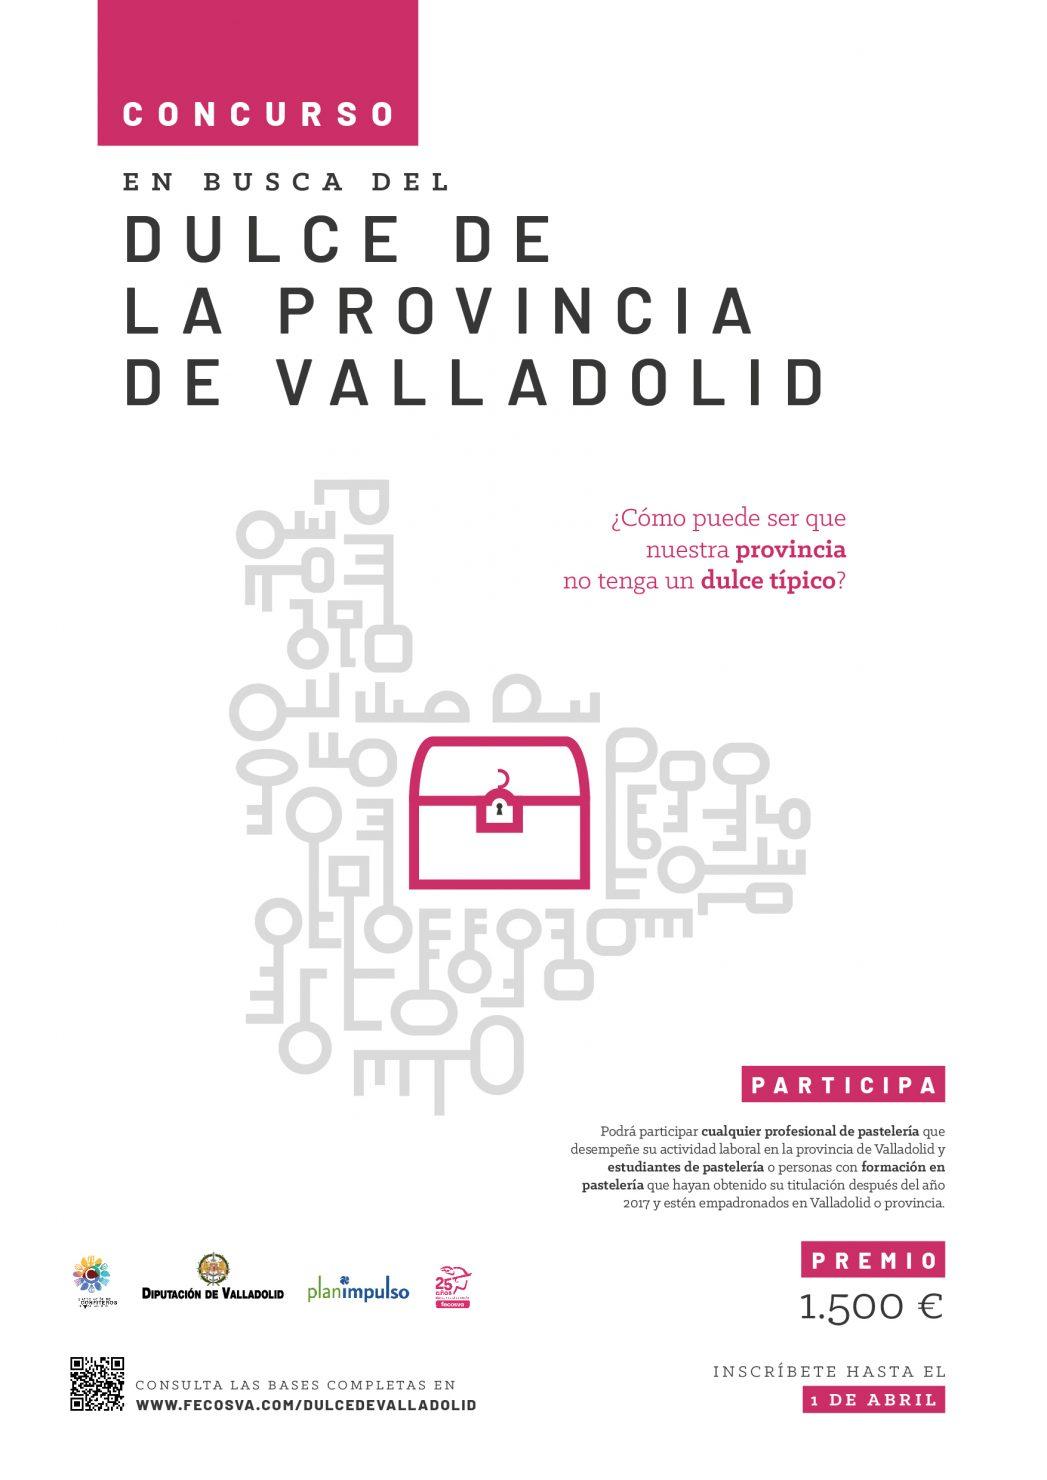 Dulce de Valladolid